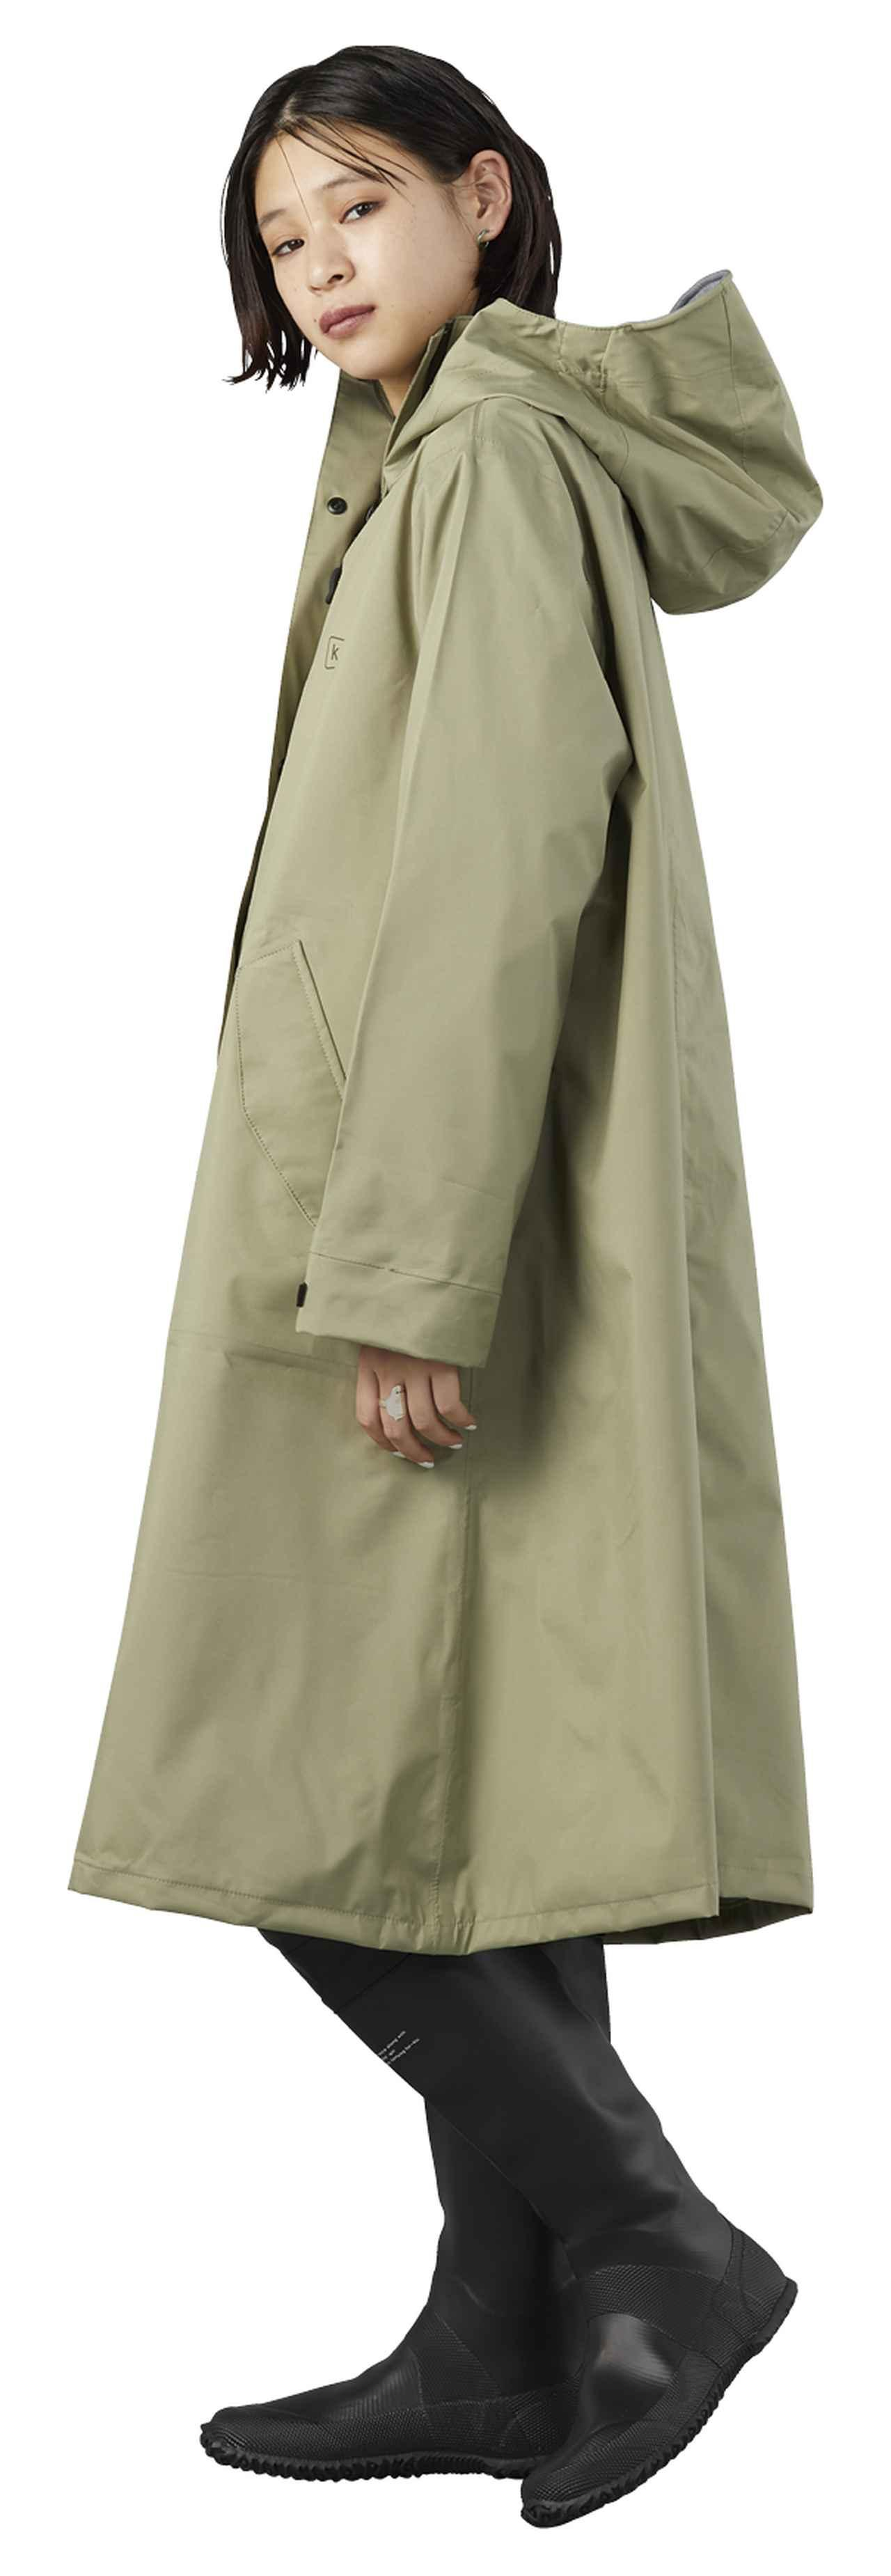 画像: ポンチョはファスナー部分に前立てを付けて浸水防止を高めている 3 KiUレインコート〈マイティー〉カーキ 9,200円